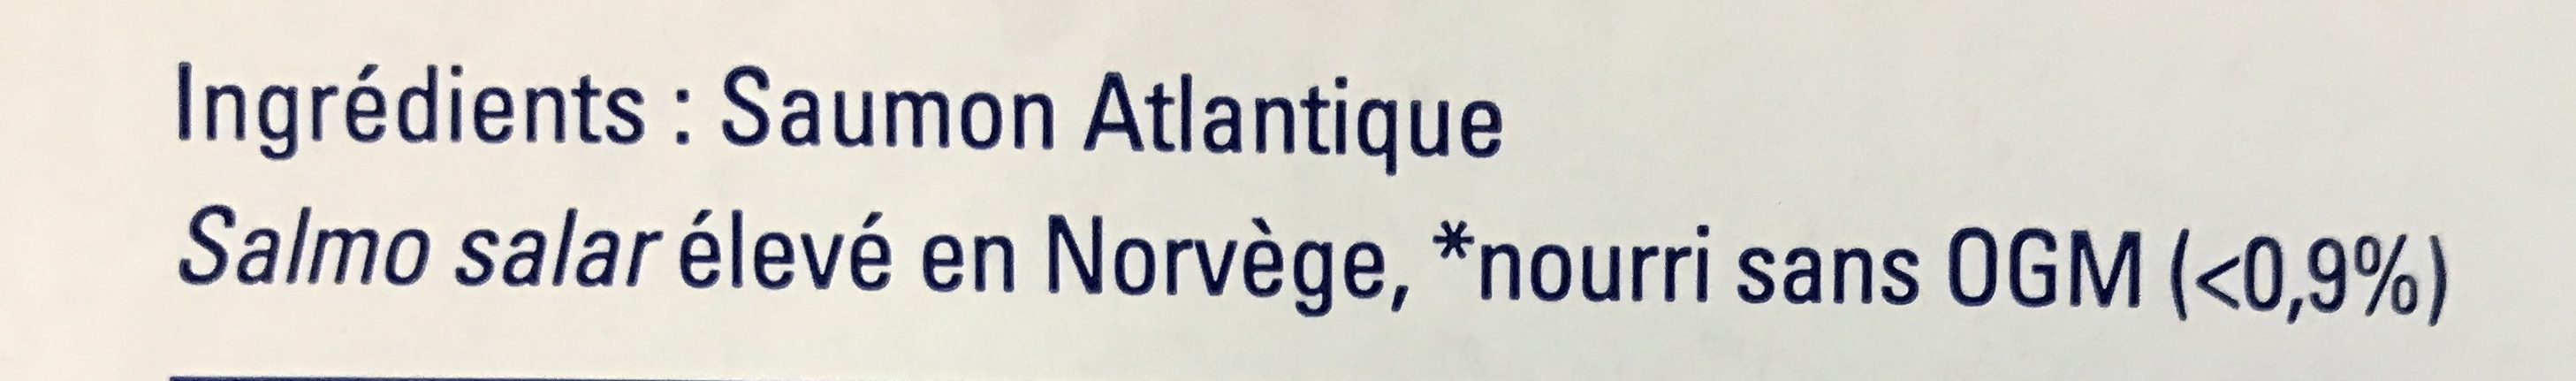 Pavé de Saumon Atlantique - Ingredients - en